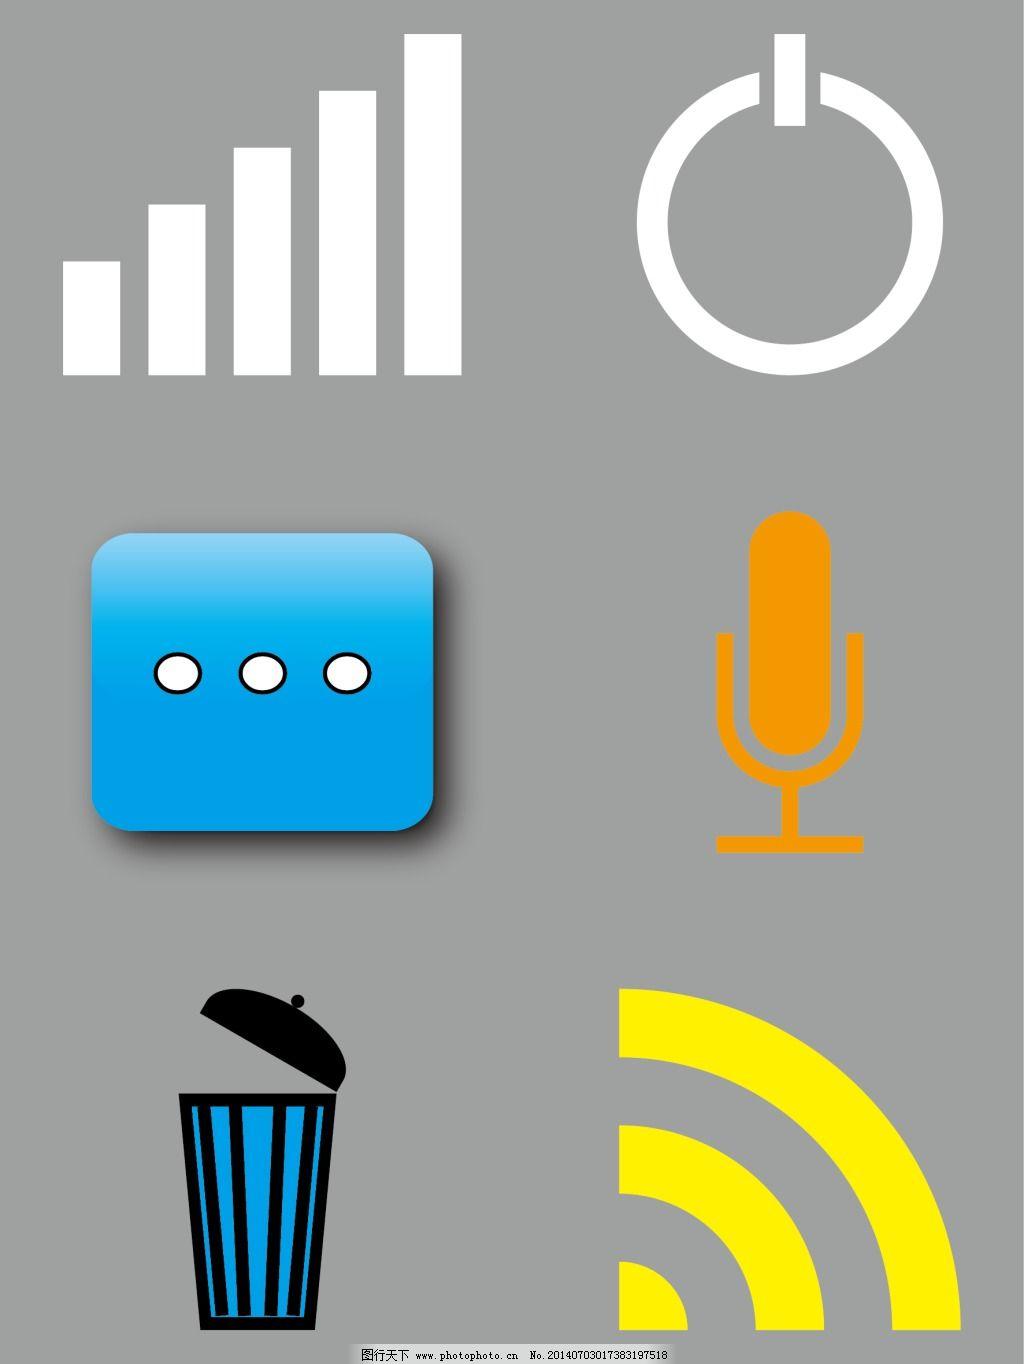 手机元素图标 手机元素图标免费下载 信号 手机符号